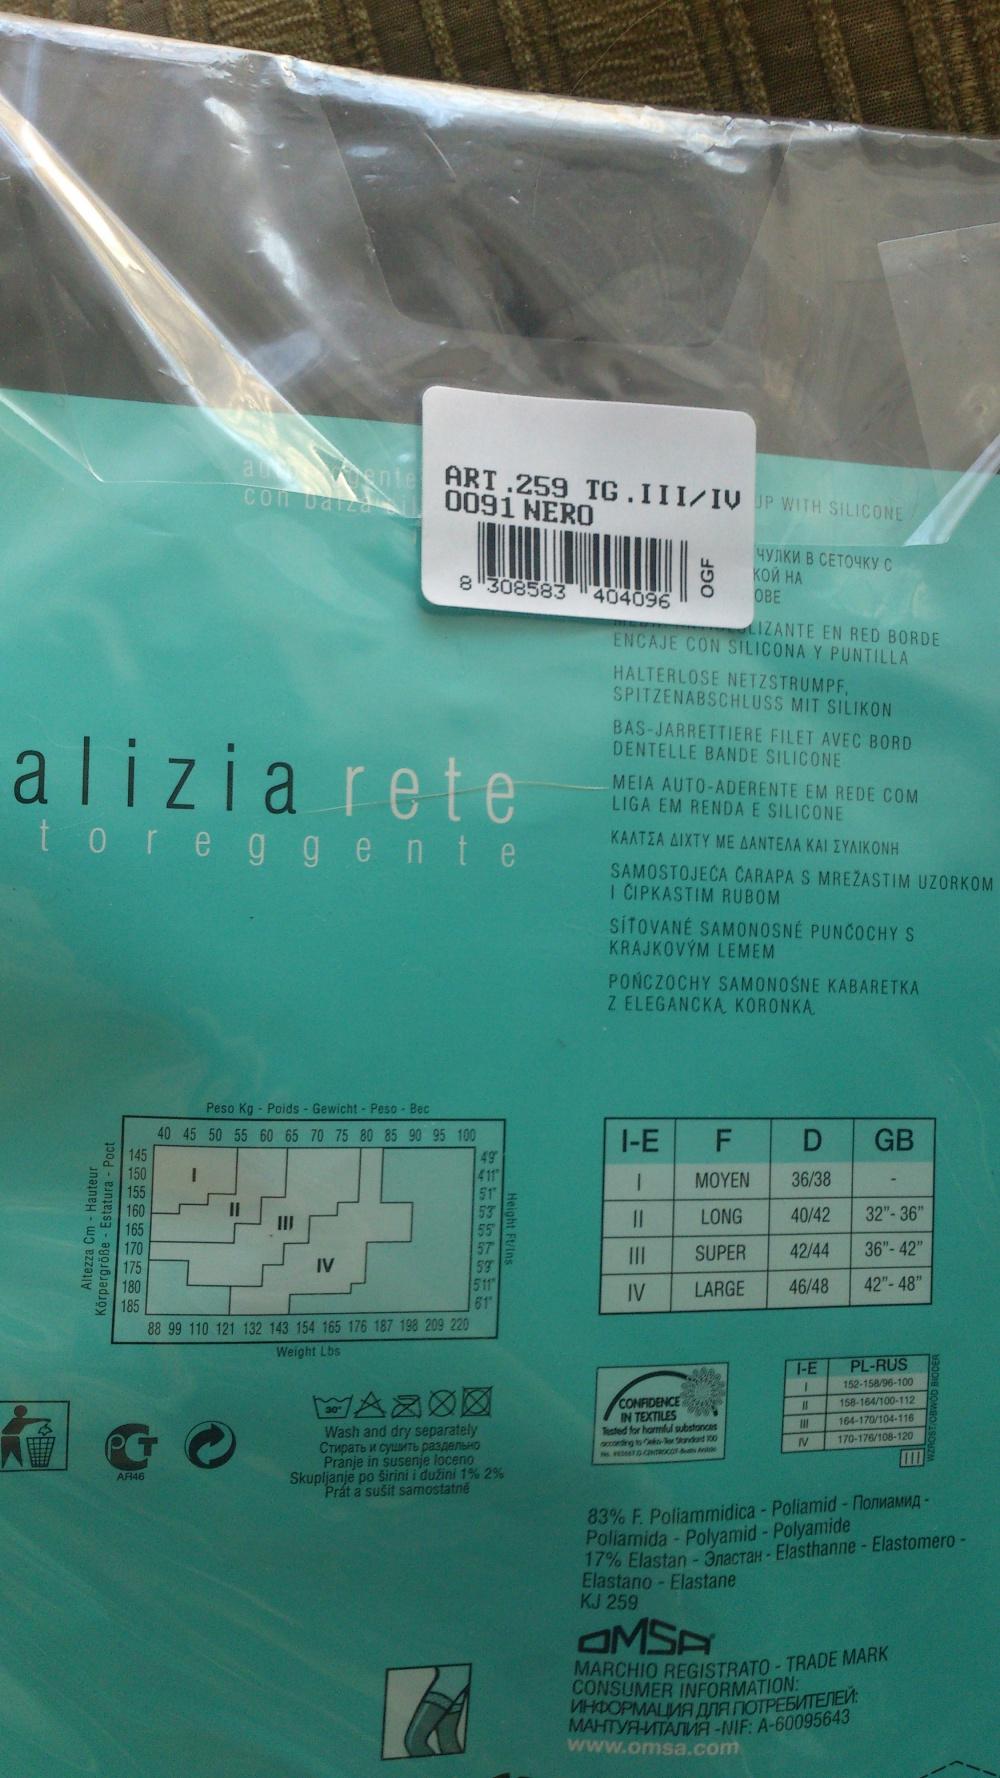 Чулки, 2 упаковки, размер III - IV